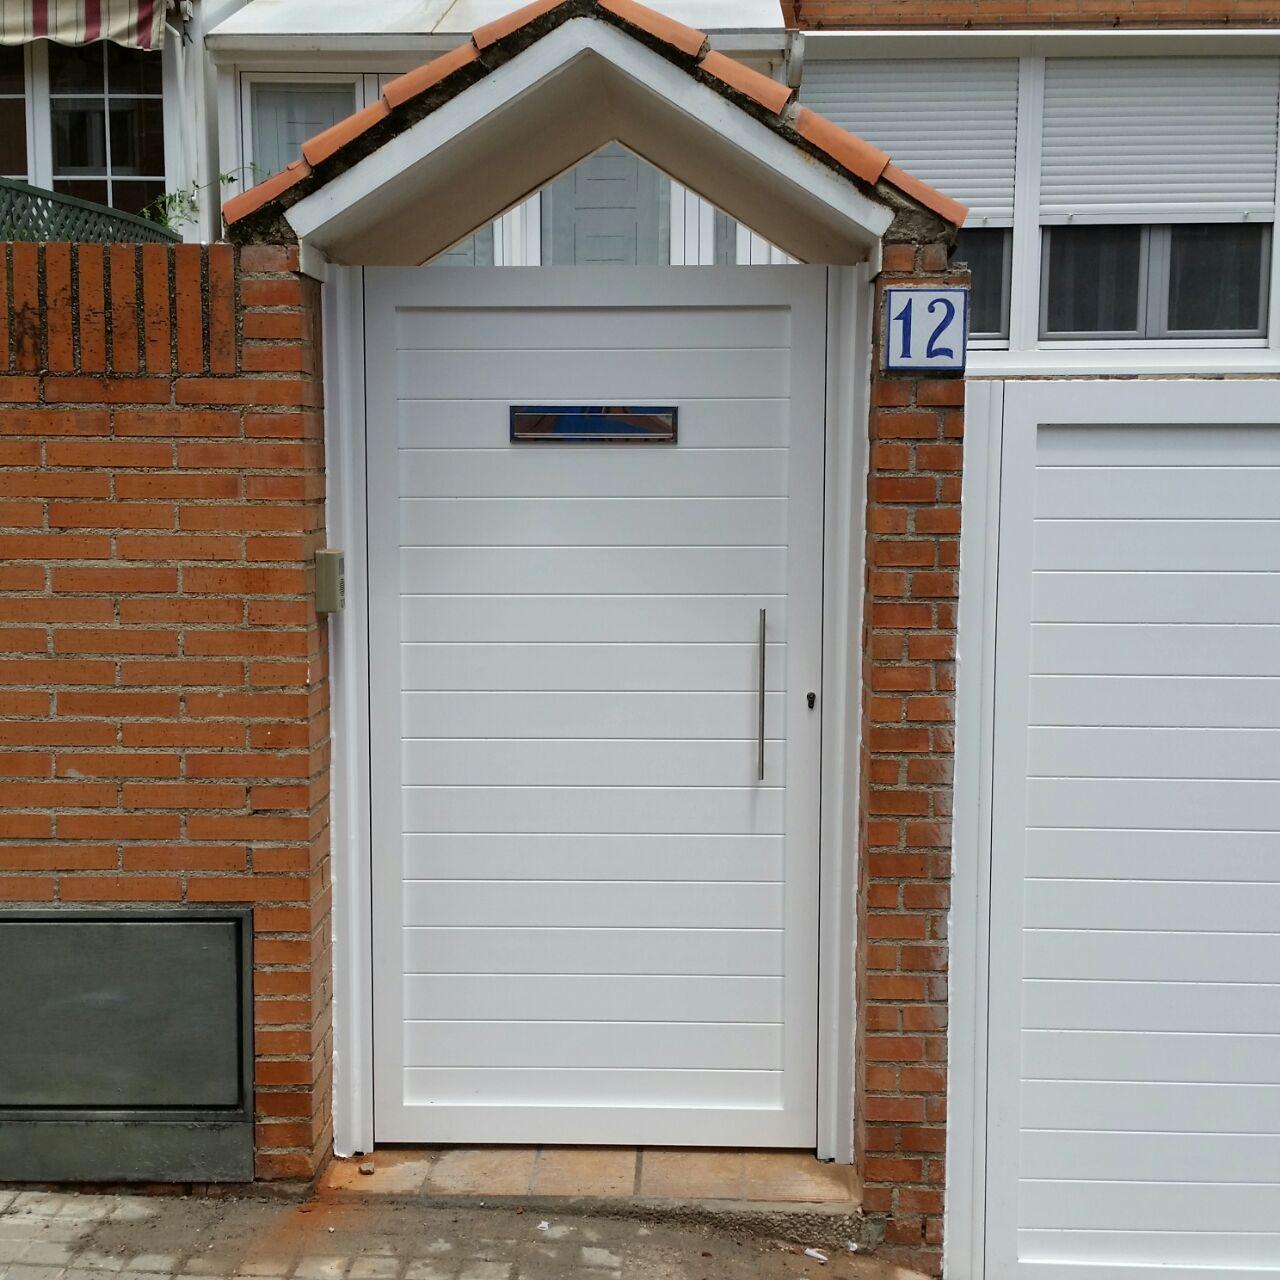 Puertas de aluminio soldadas modelo batres grupo marver - Modelo de puertas de aluminio ...